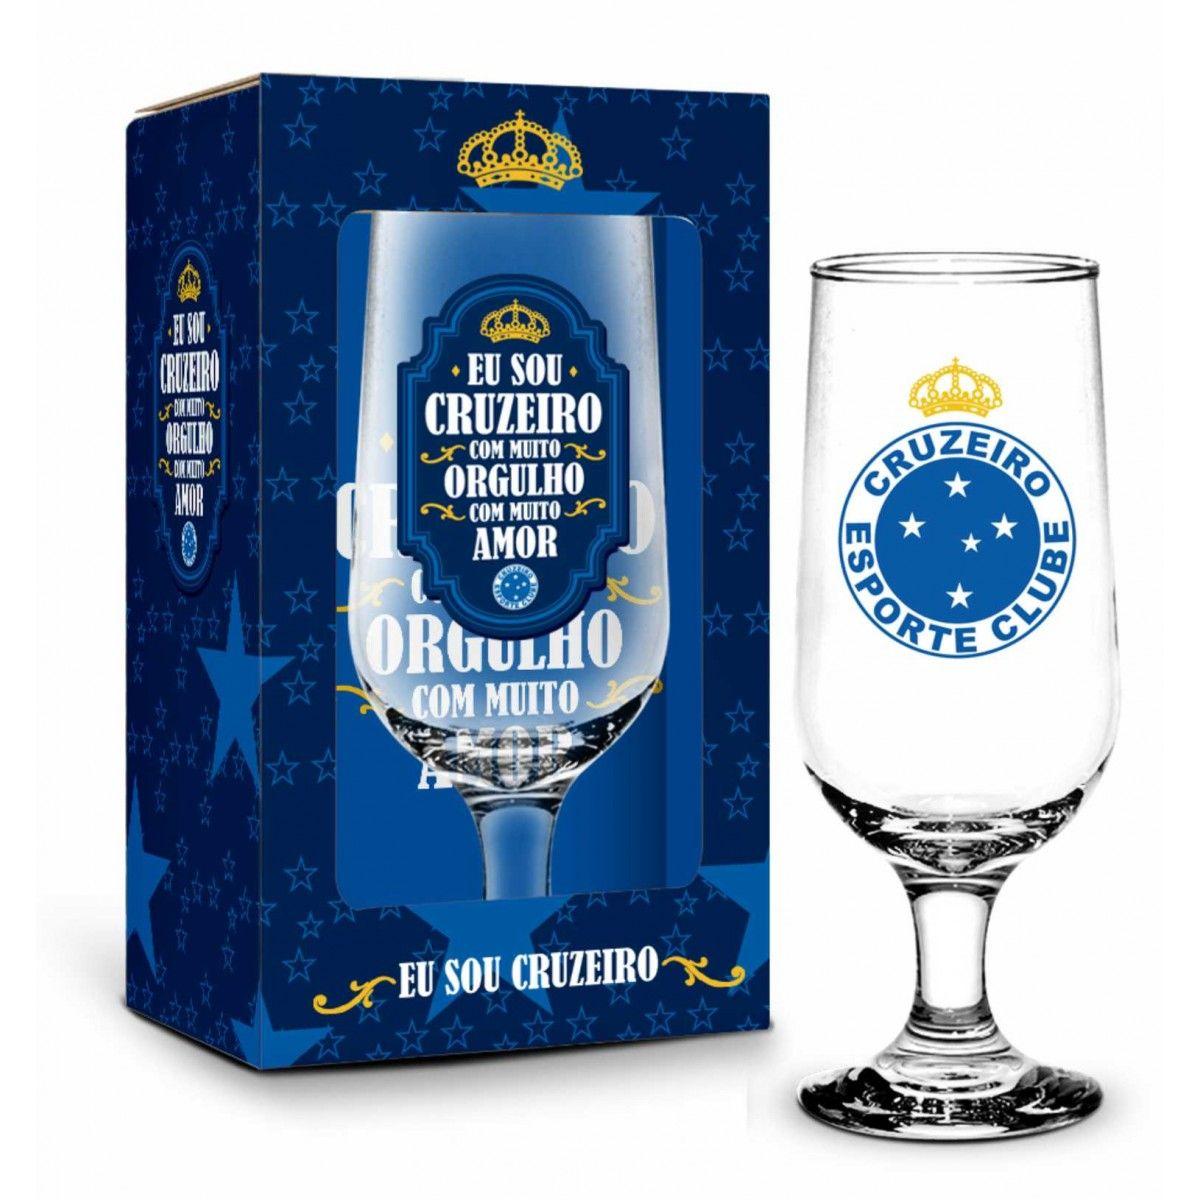 Taça na Caixa 300ML Cruzeiro - Eu Sou Cruzeiro Com Muito Orgulho Com Muito Amor